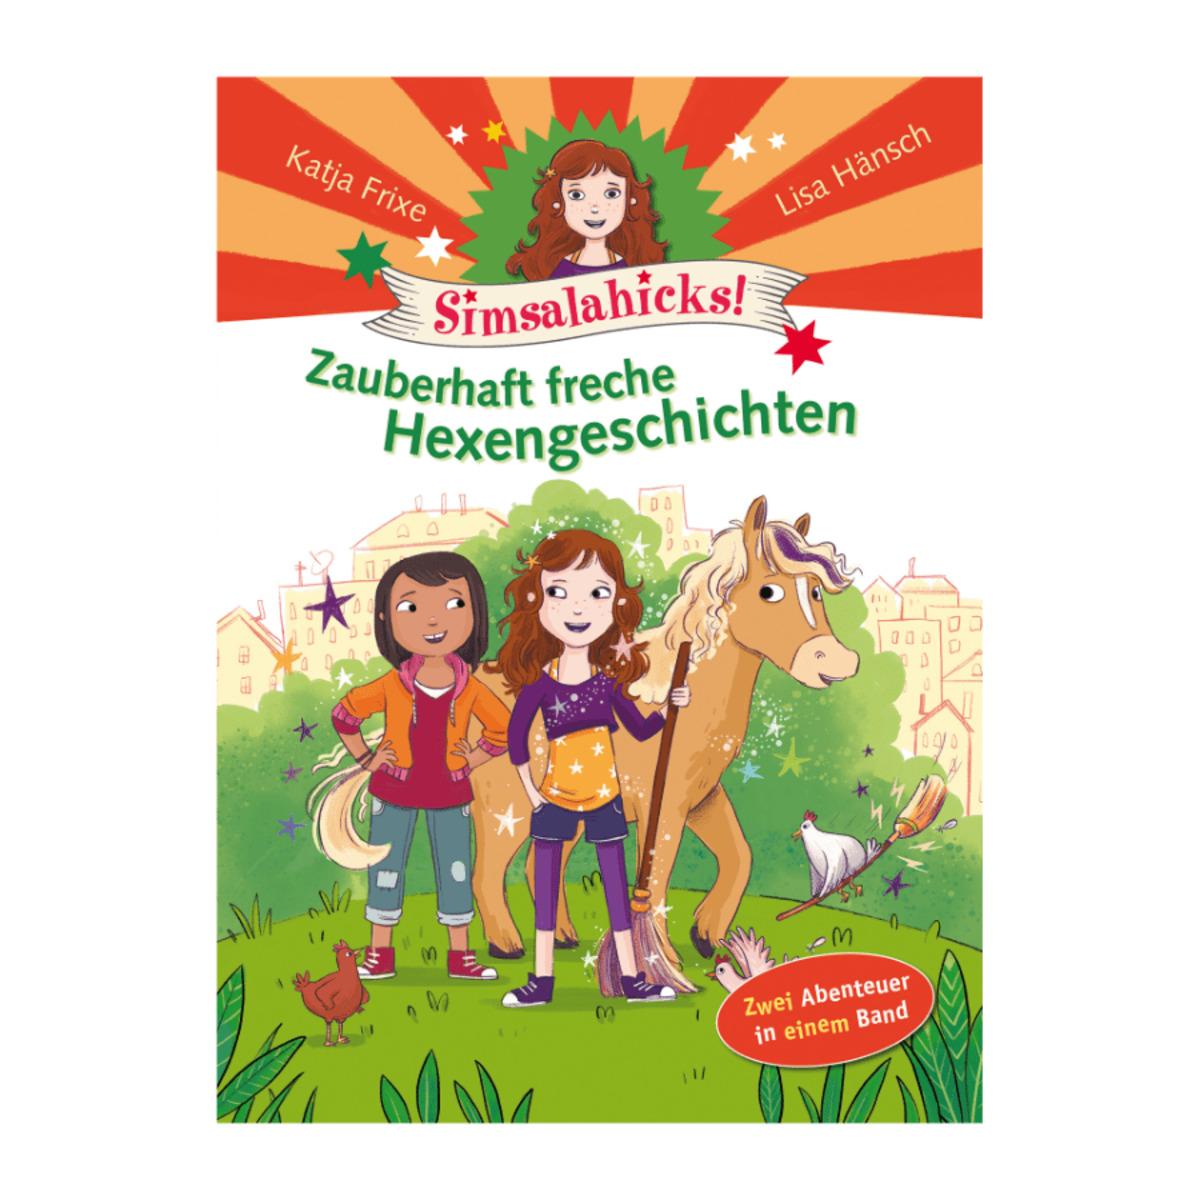 Bild 4 von Urlaubslektüre für Kinder